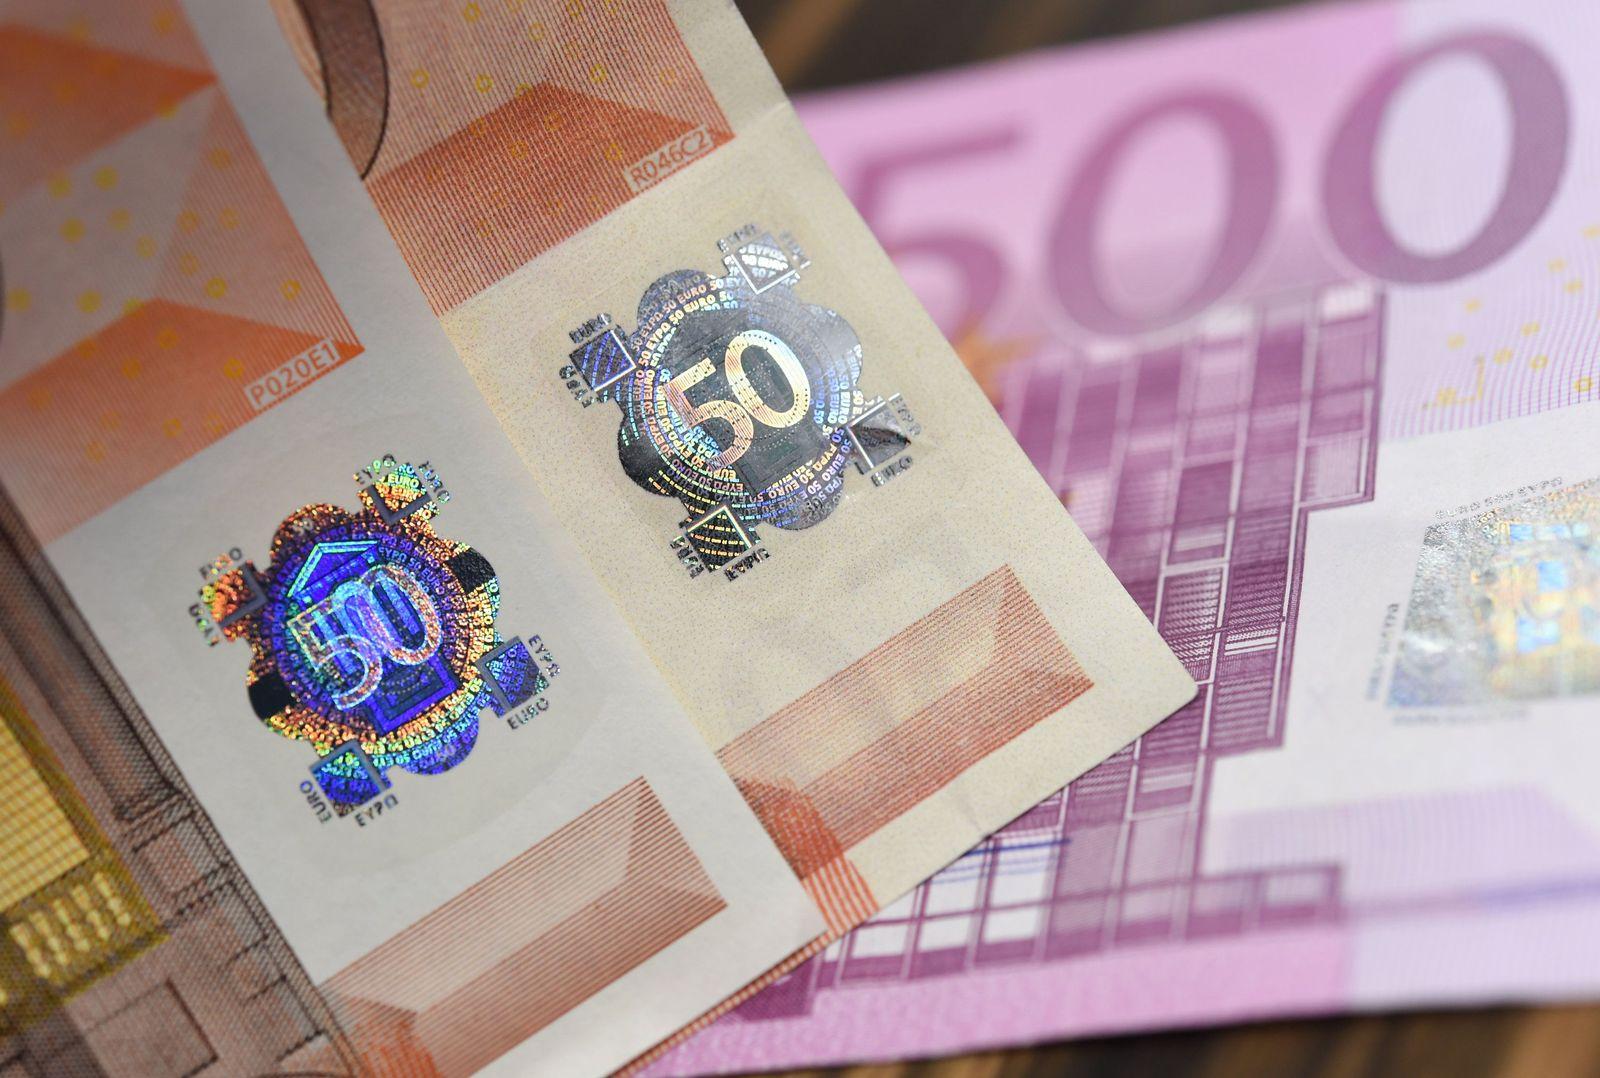 Mehr Falschgeld im Umlauf